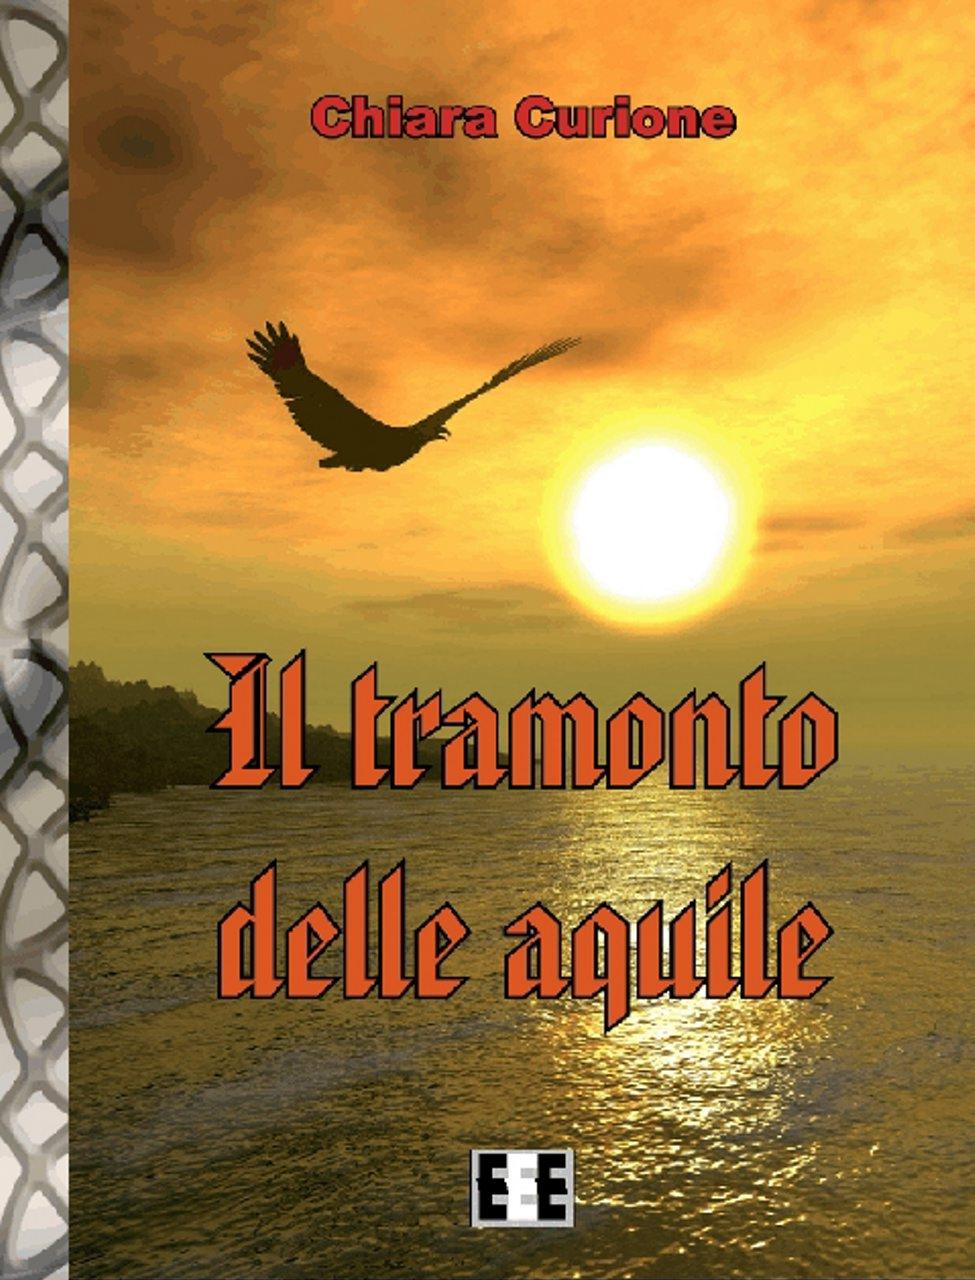 Il_tramonto_dell_547486da833c3#001